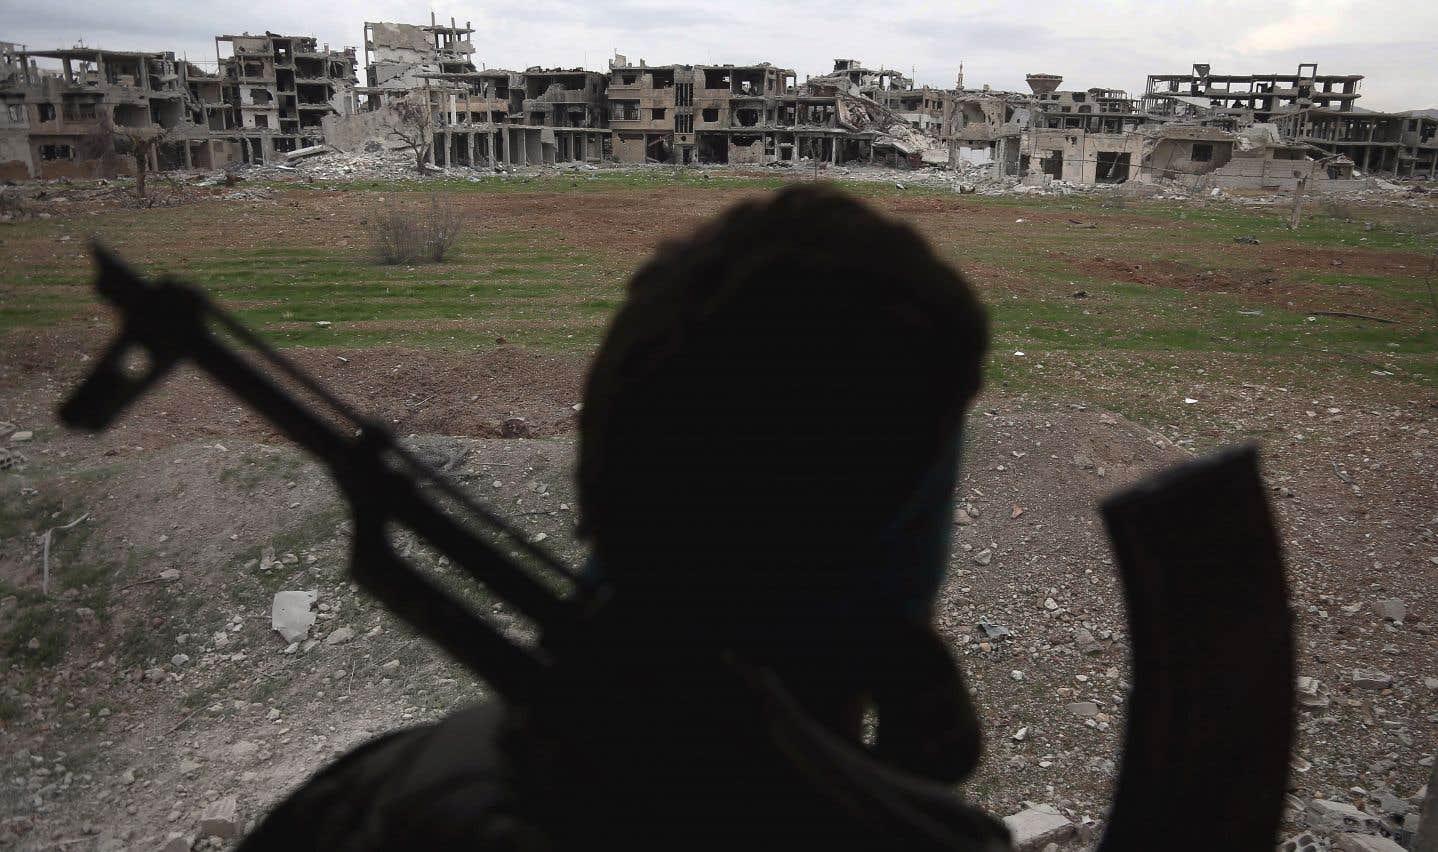 Un combattant du groupe rebelle Faylaq al-Rahmane regarde des bâtiments endommagés sur la ligne de front dans la Ghouta orientale, près de Damas.